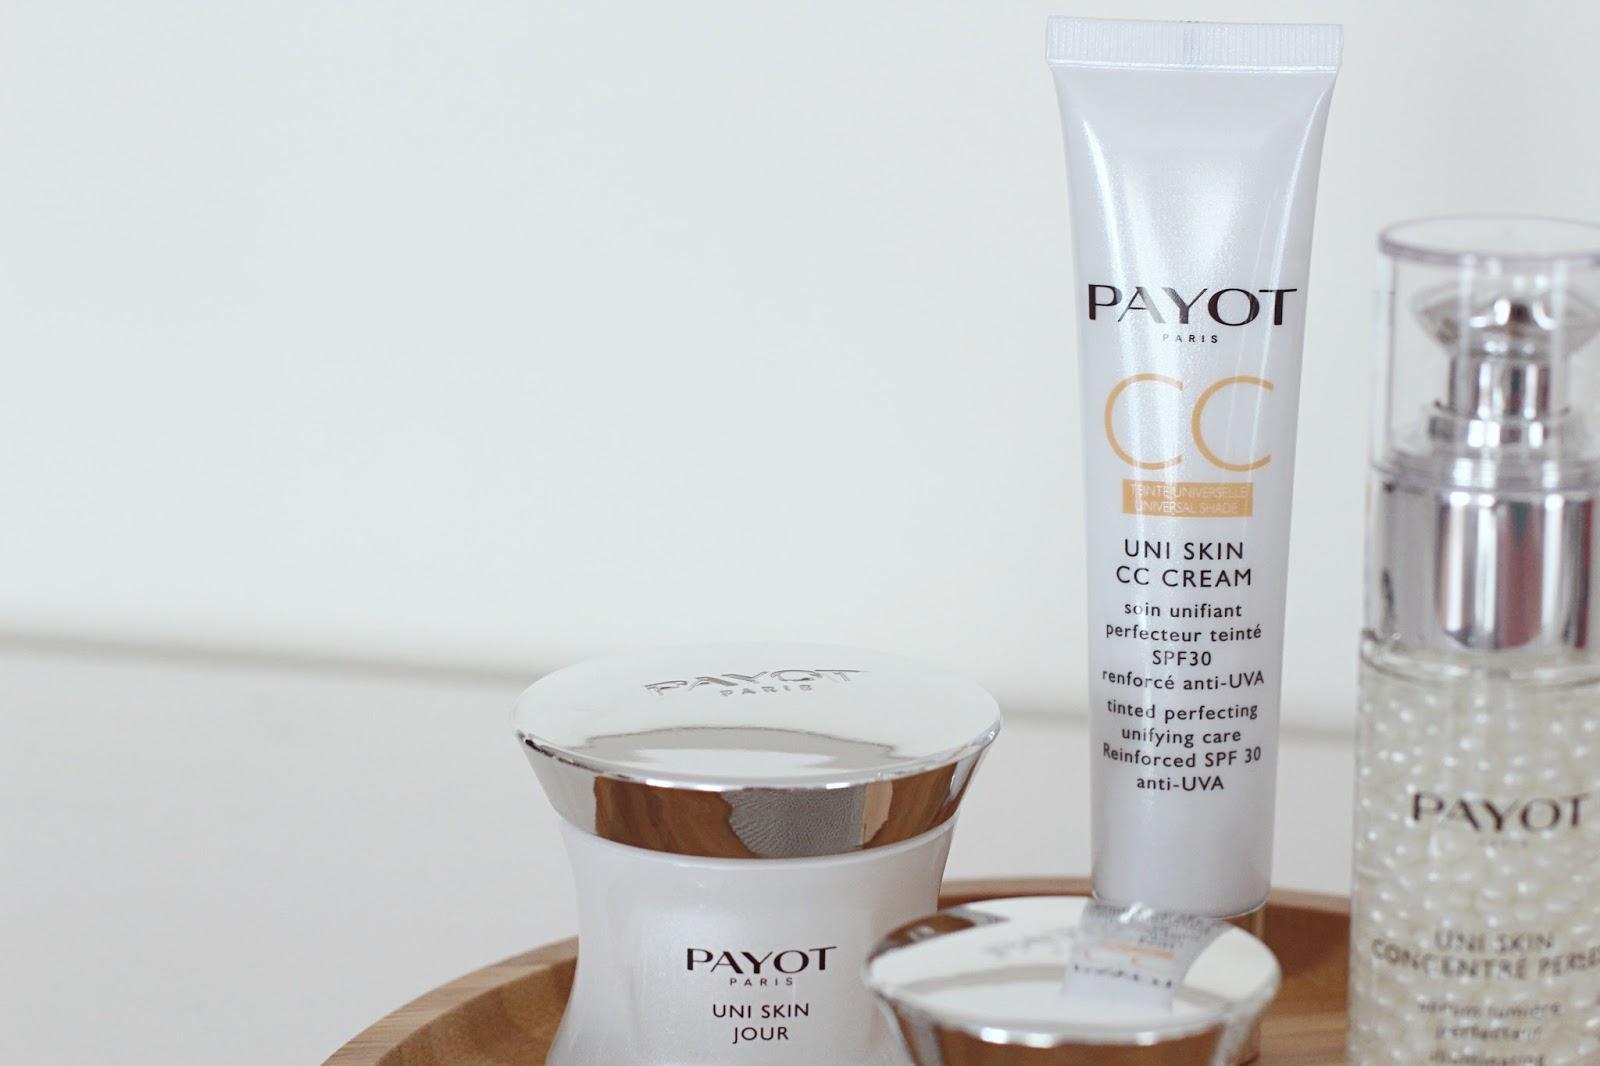 Uni Skin CC Cream Soin Unifiant Perfecteur Teinté Payot